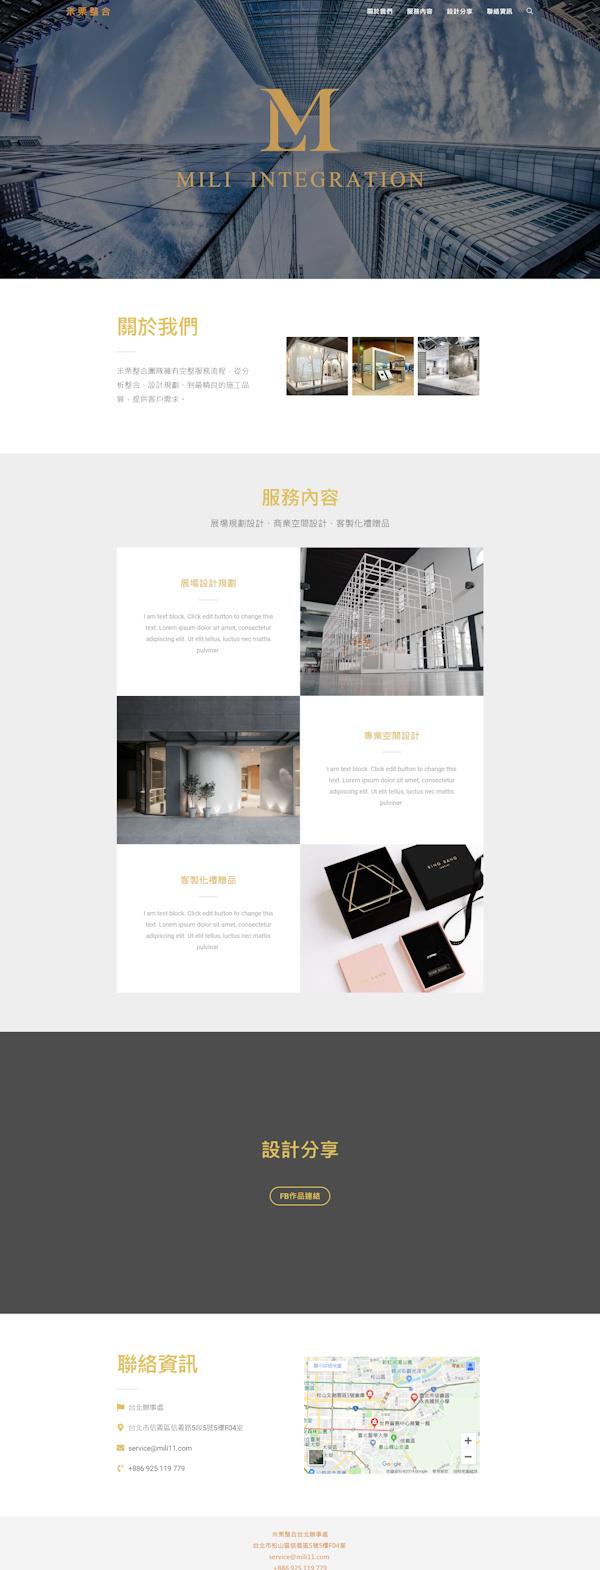 網頁設計-米栗整合2